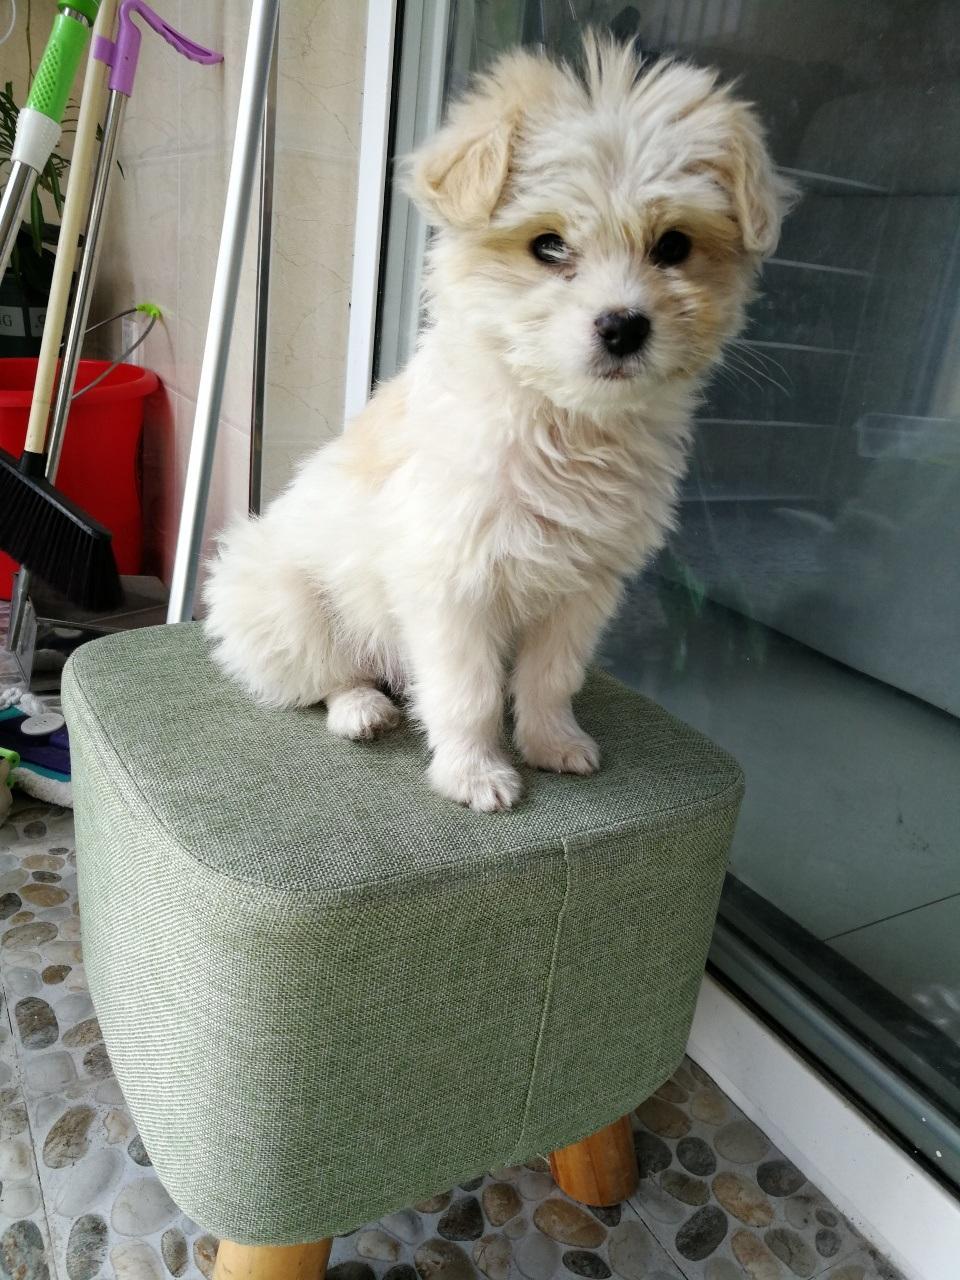 刚捡的小白狗送人